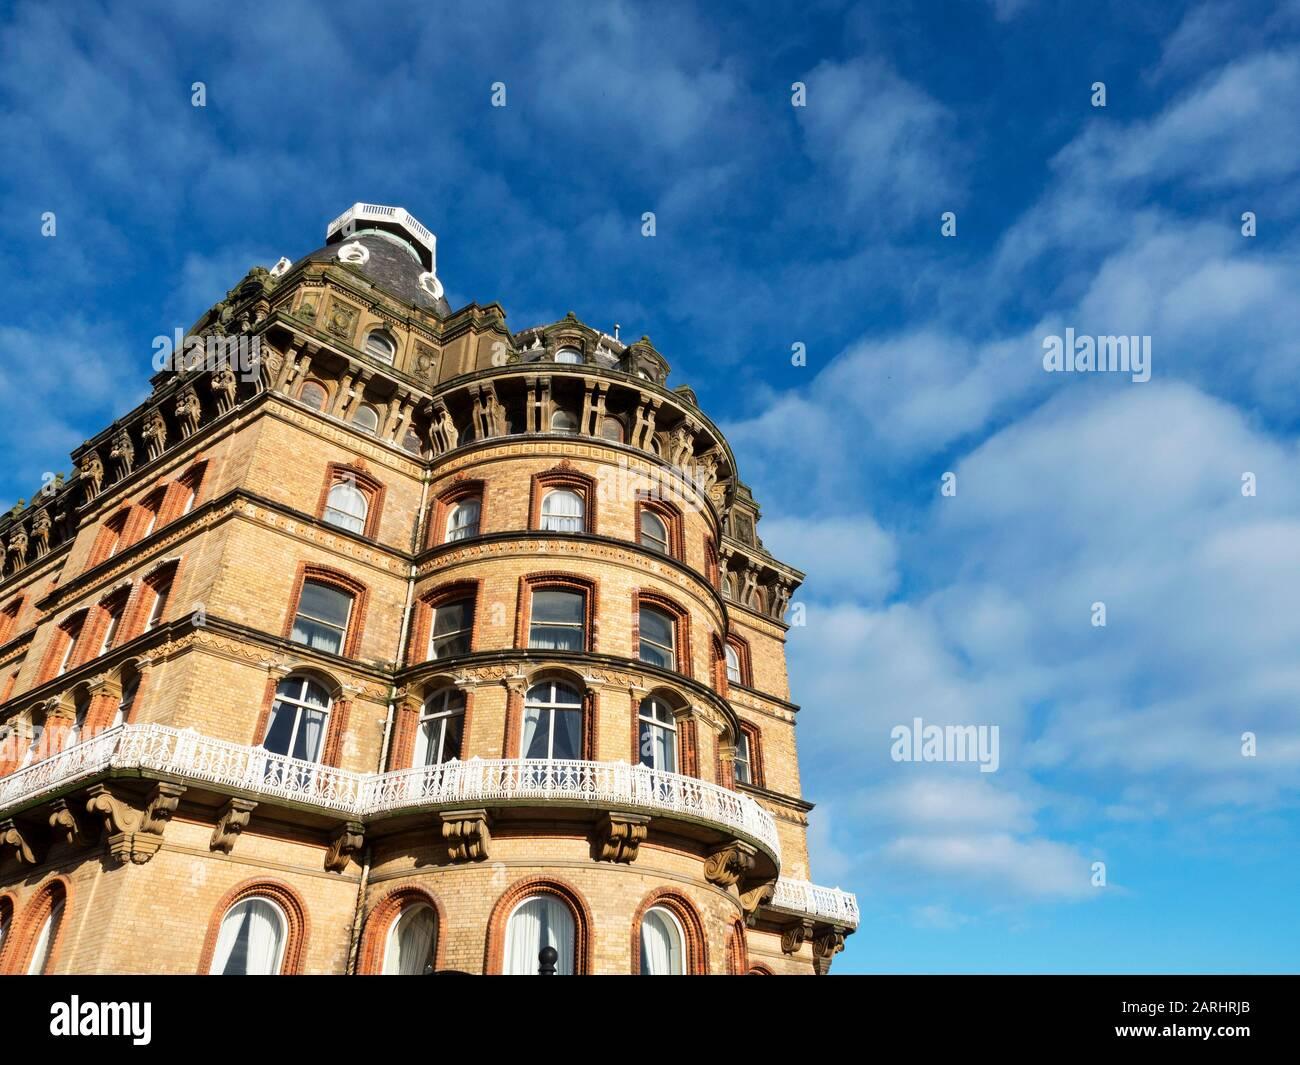 Le Grand Hôtel une étoile de Grade II classé bâtiment par l'architecte Cuthbert Brodrick à Scarborough North Yorkshire England Banque D'Images